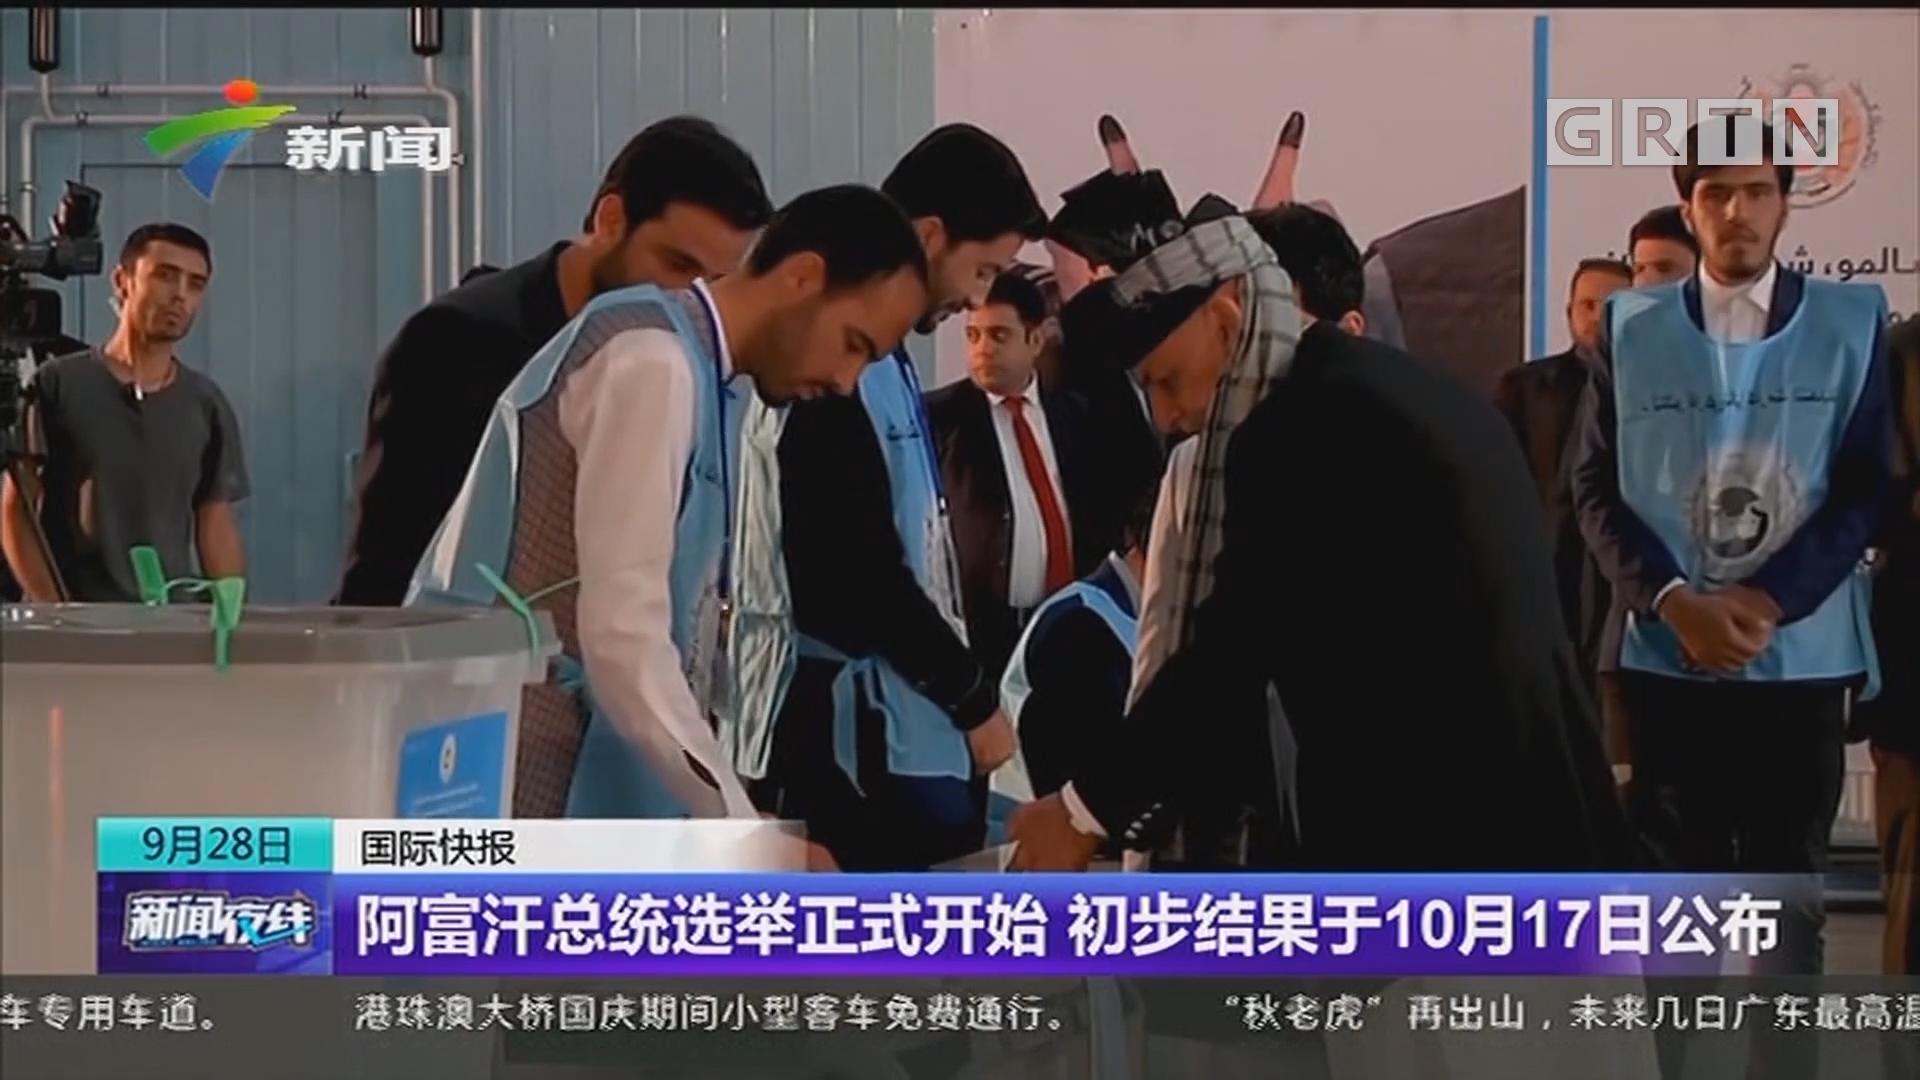 阿富汗总统选举正式开始 初步结果于10月17日公布